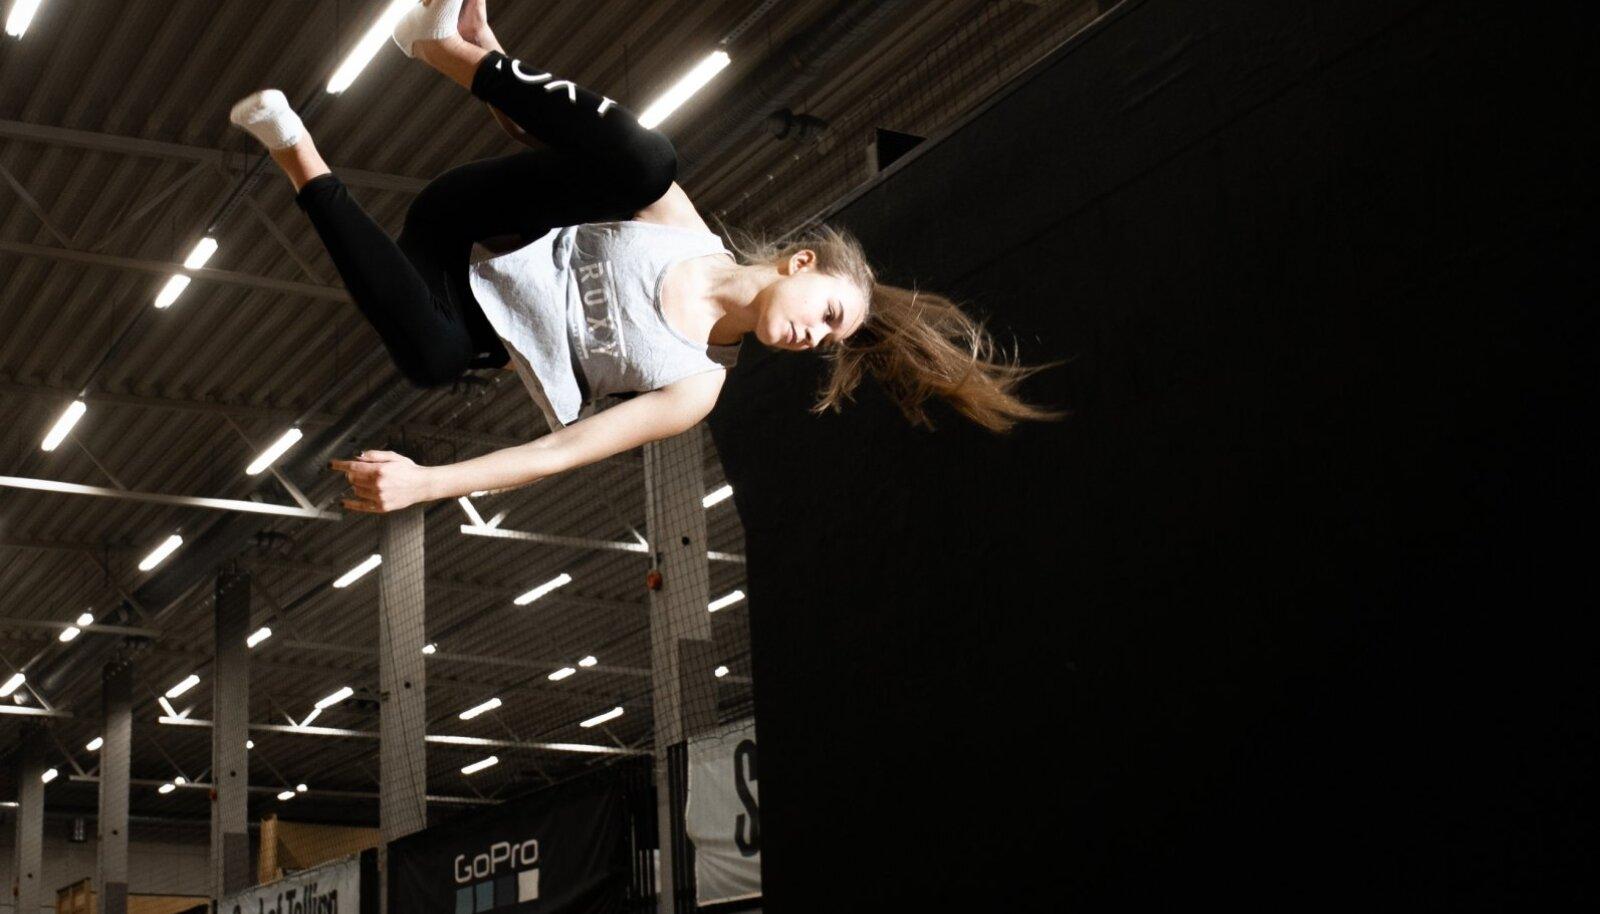 Enne võistlusturneele lendamist harjutas Kelly Sildaru koduses Spot of Tallinnas batuudil trikke.